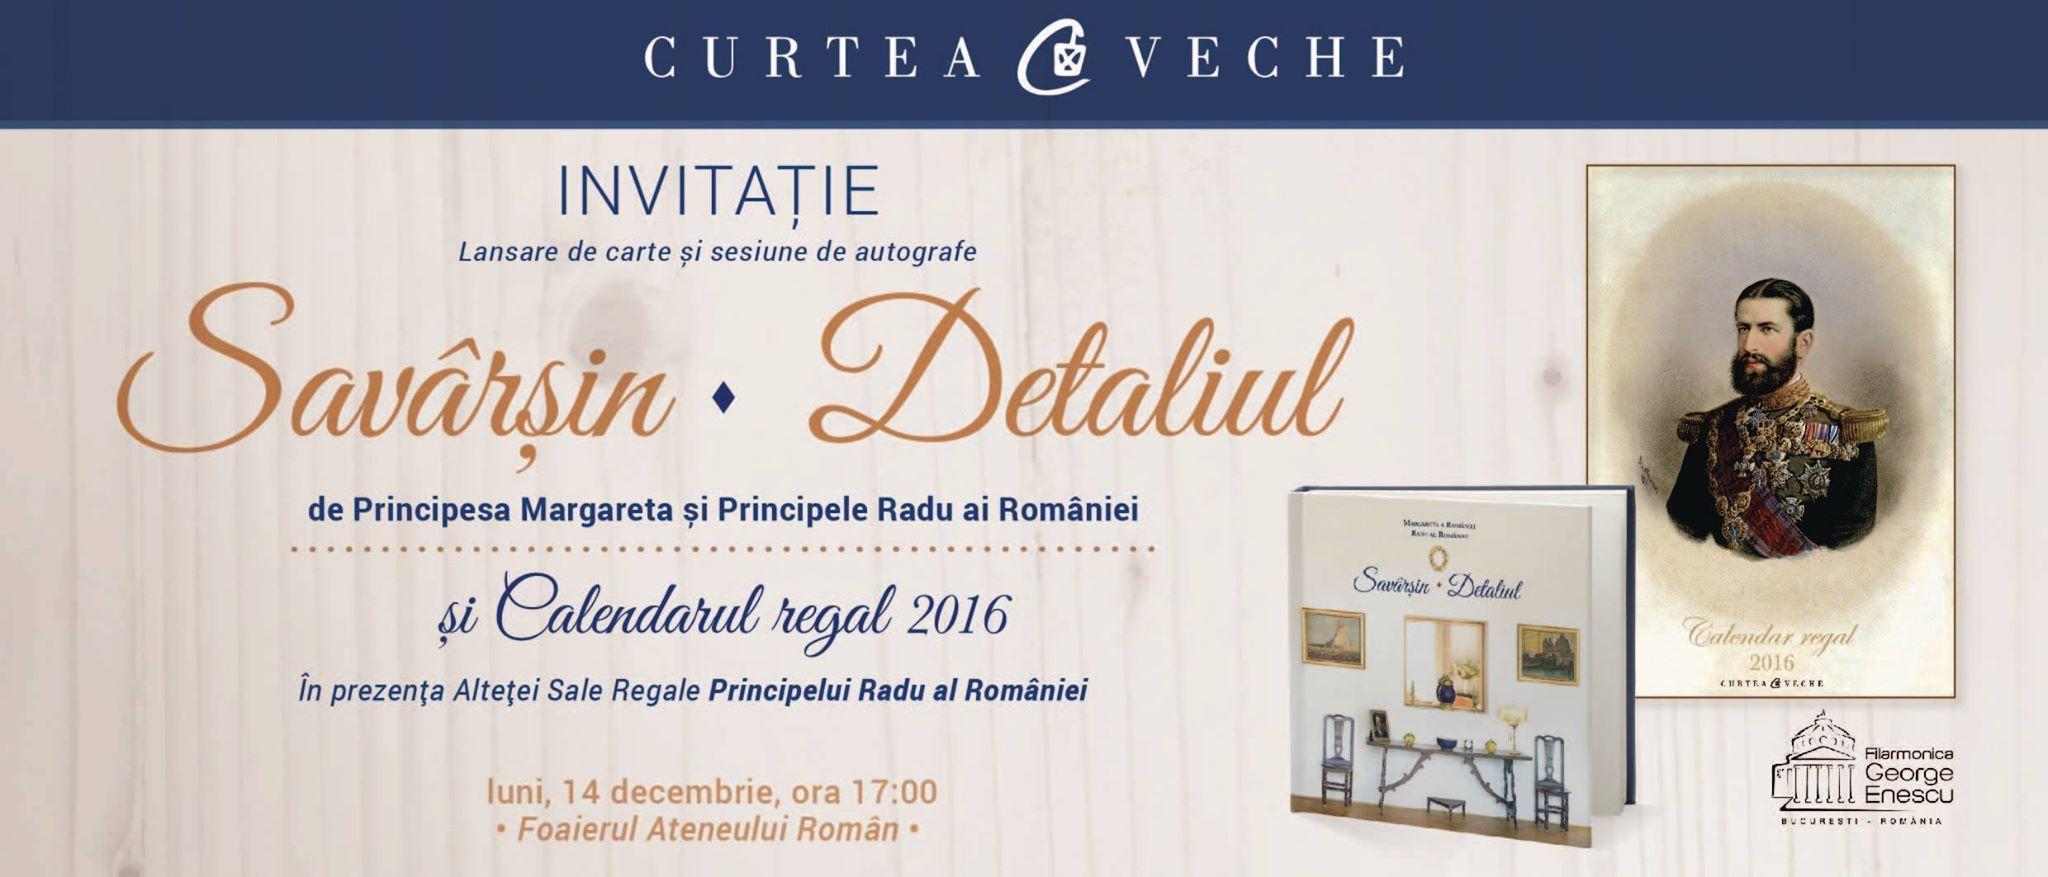 """Lansare de carte regală la Ateneul Român pe 14 decembrie: """"Săvârșin. Detaliul"""" și """"Calendar regal 2016"""""""